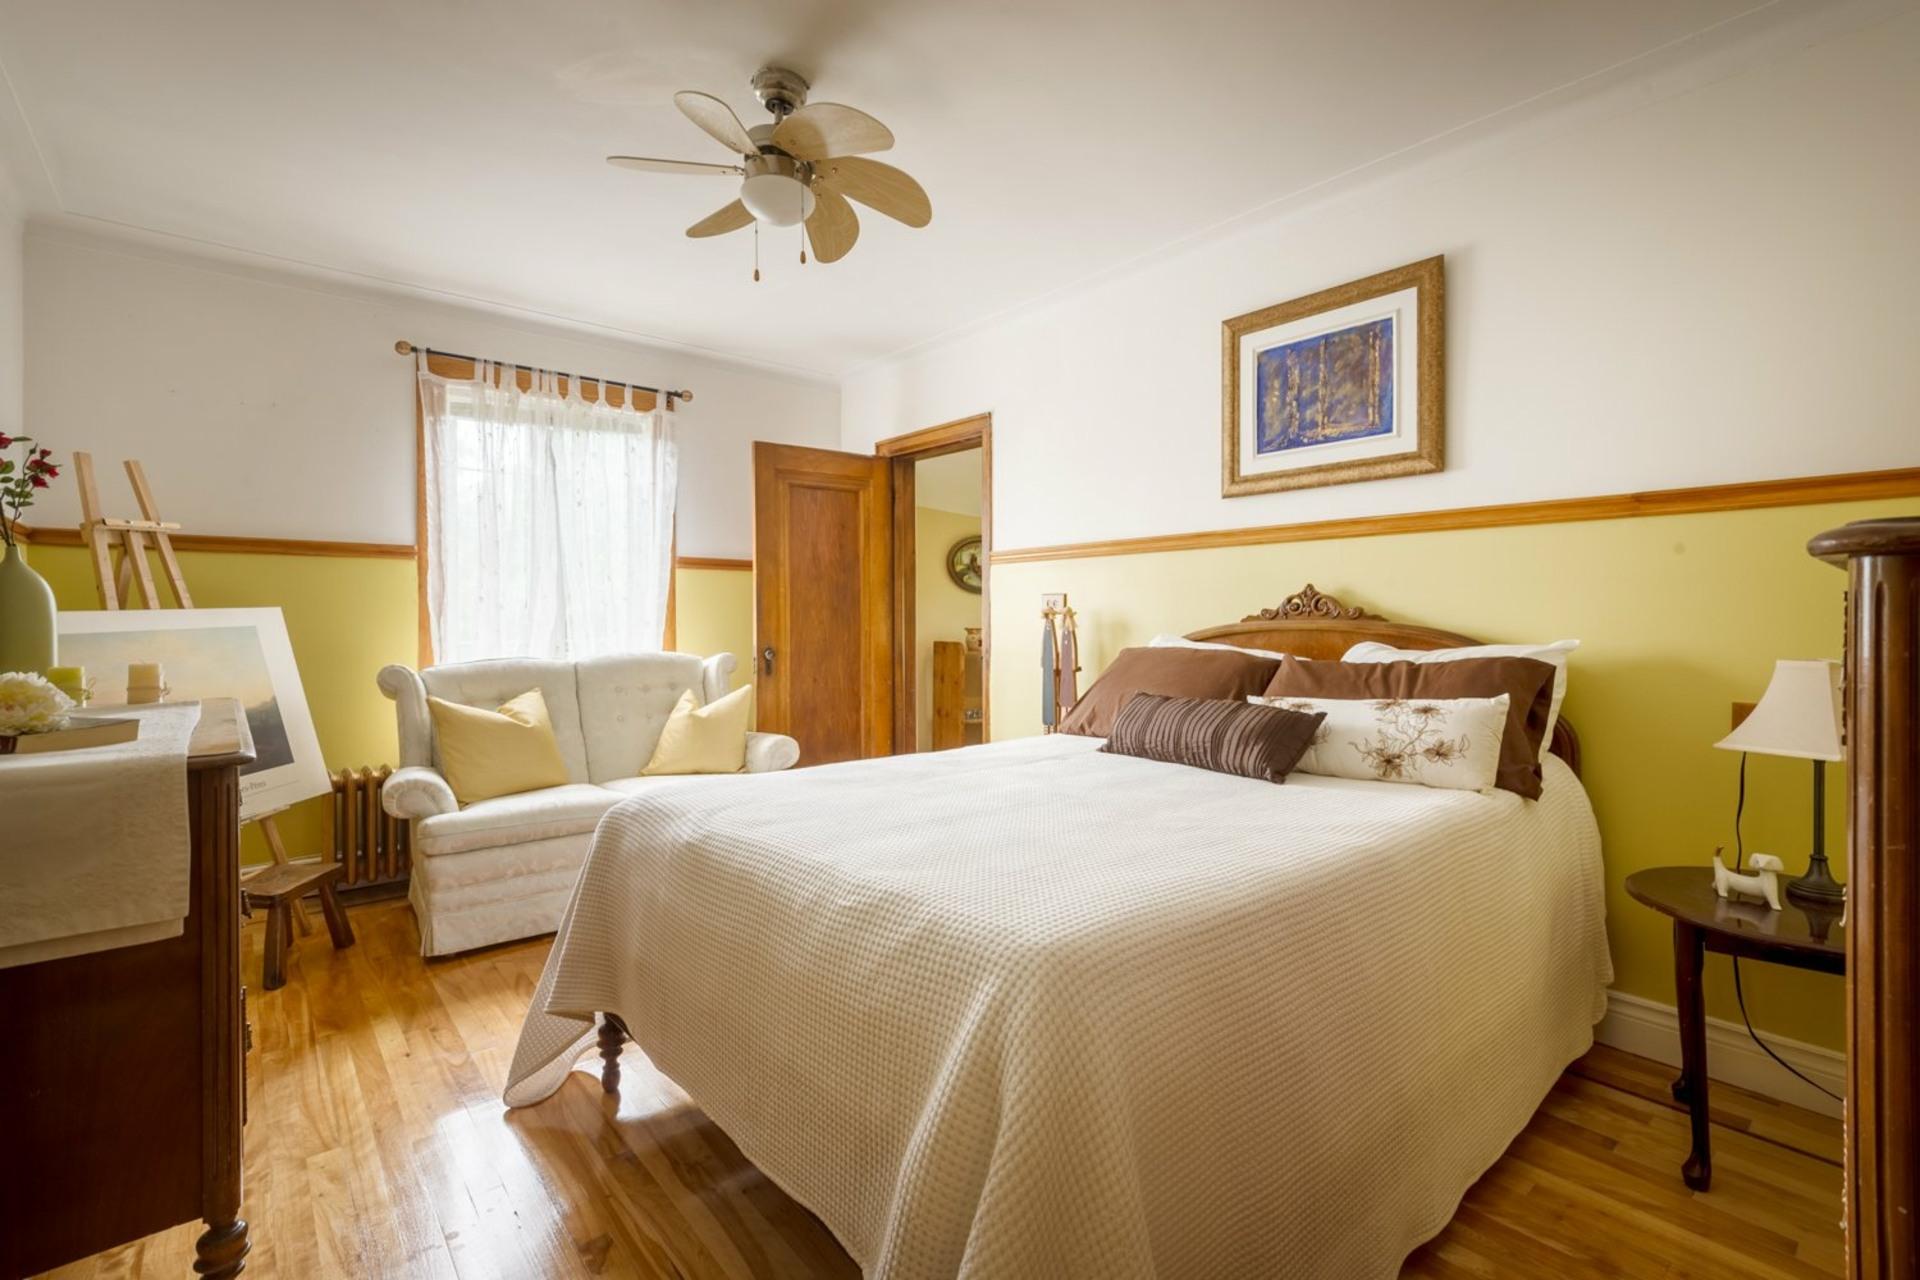 image 12 - Duplex For sale Sainte-Anne-de-Bellevue - 6 rooms